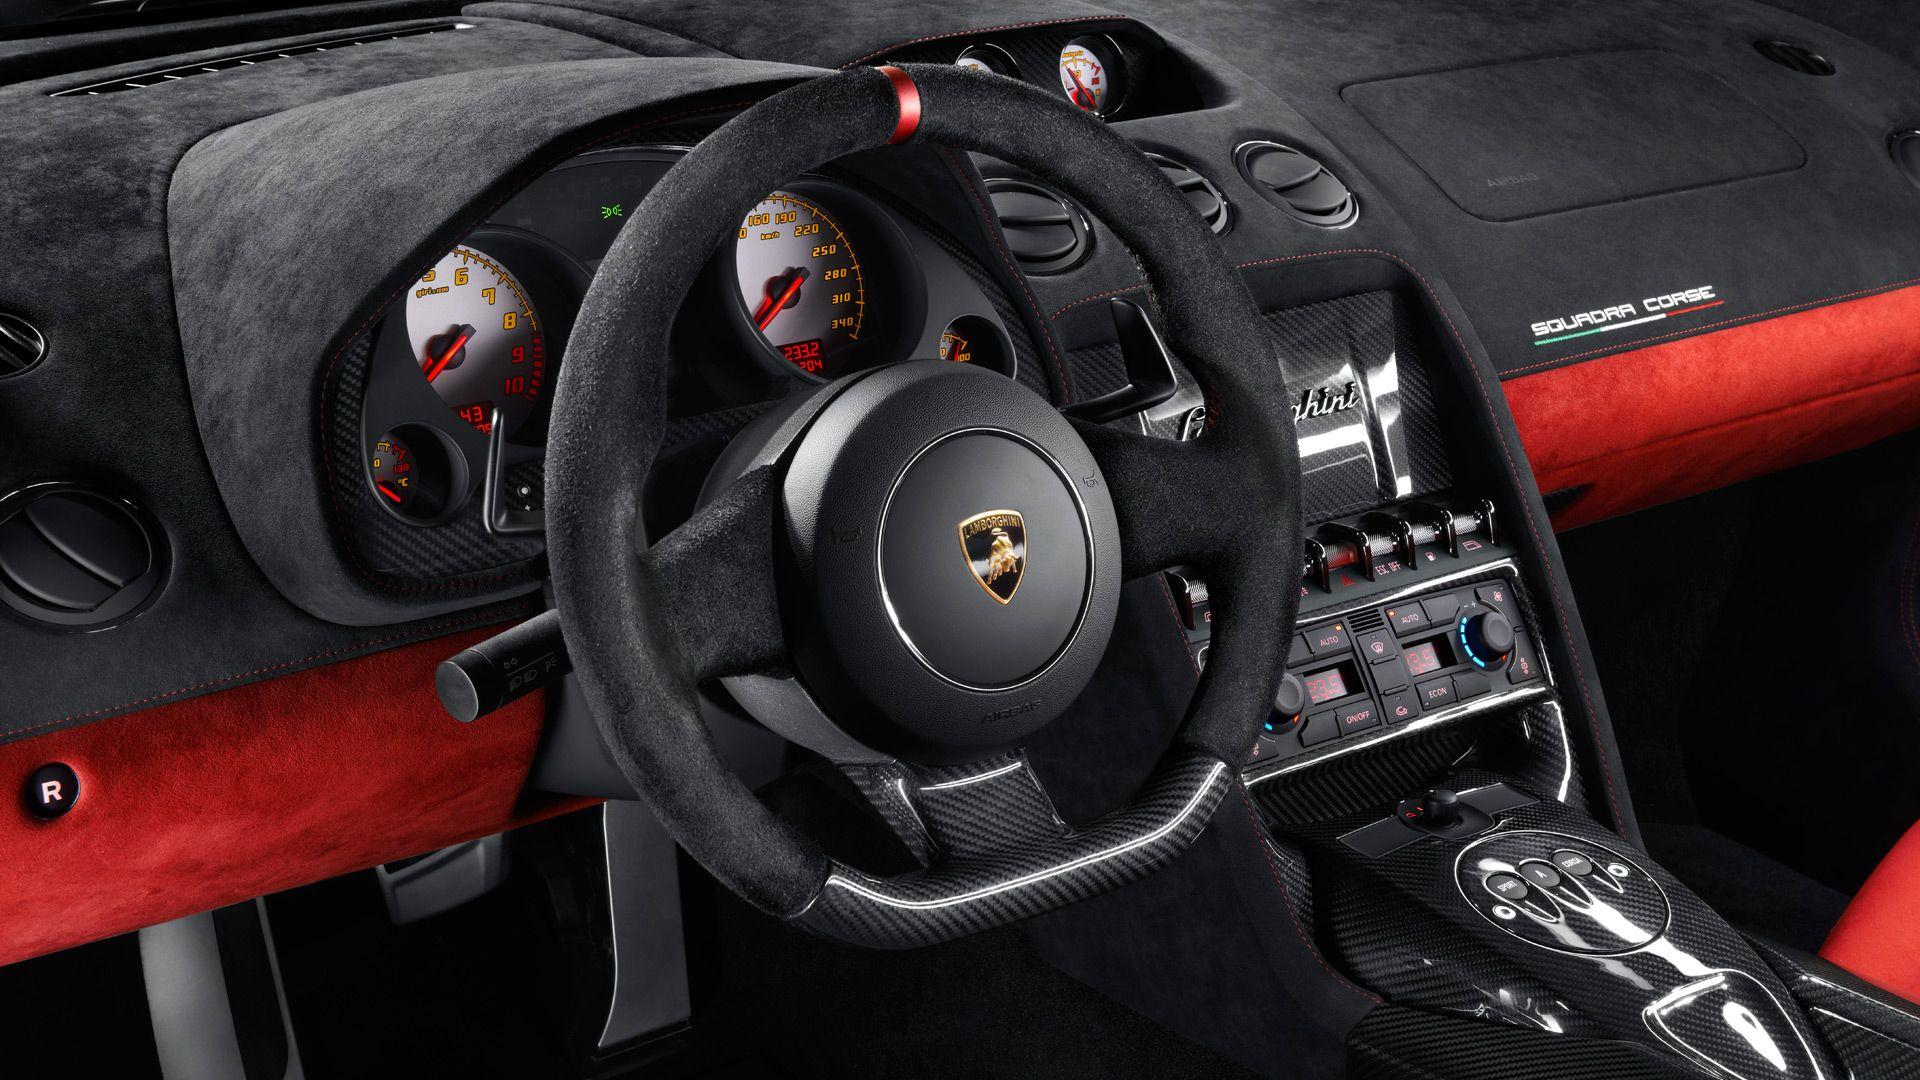 Lamborghini Gallardo Lp 570 4 Squadra Corse Image Gallery Whip